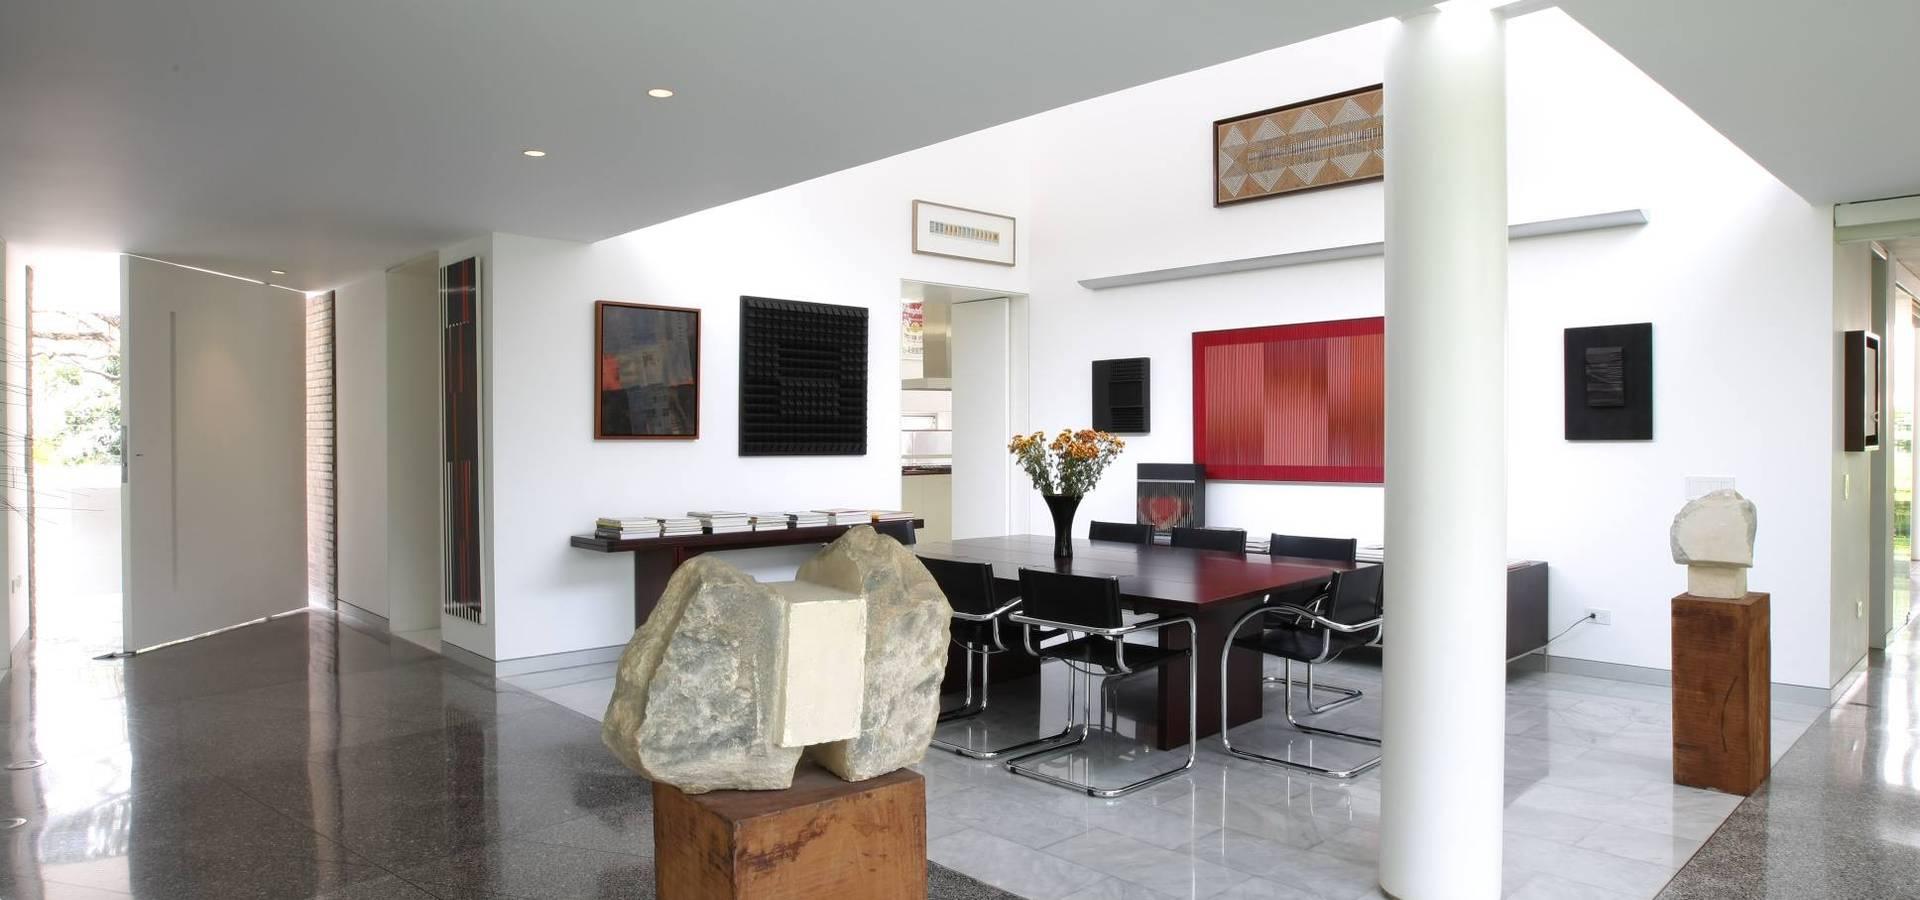 oda—oficina de arquitectura